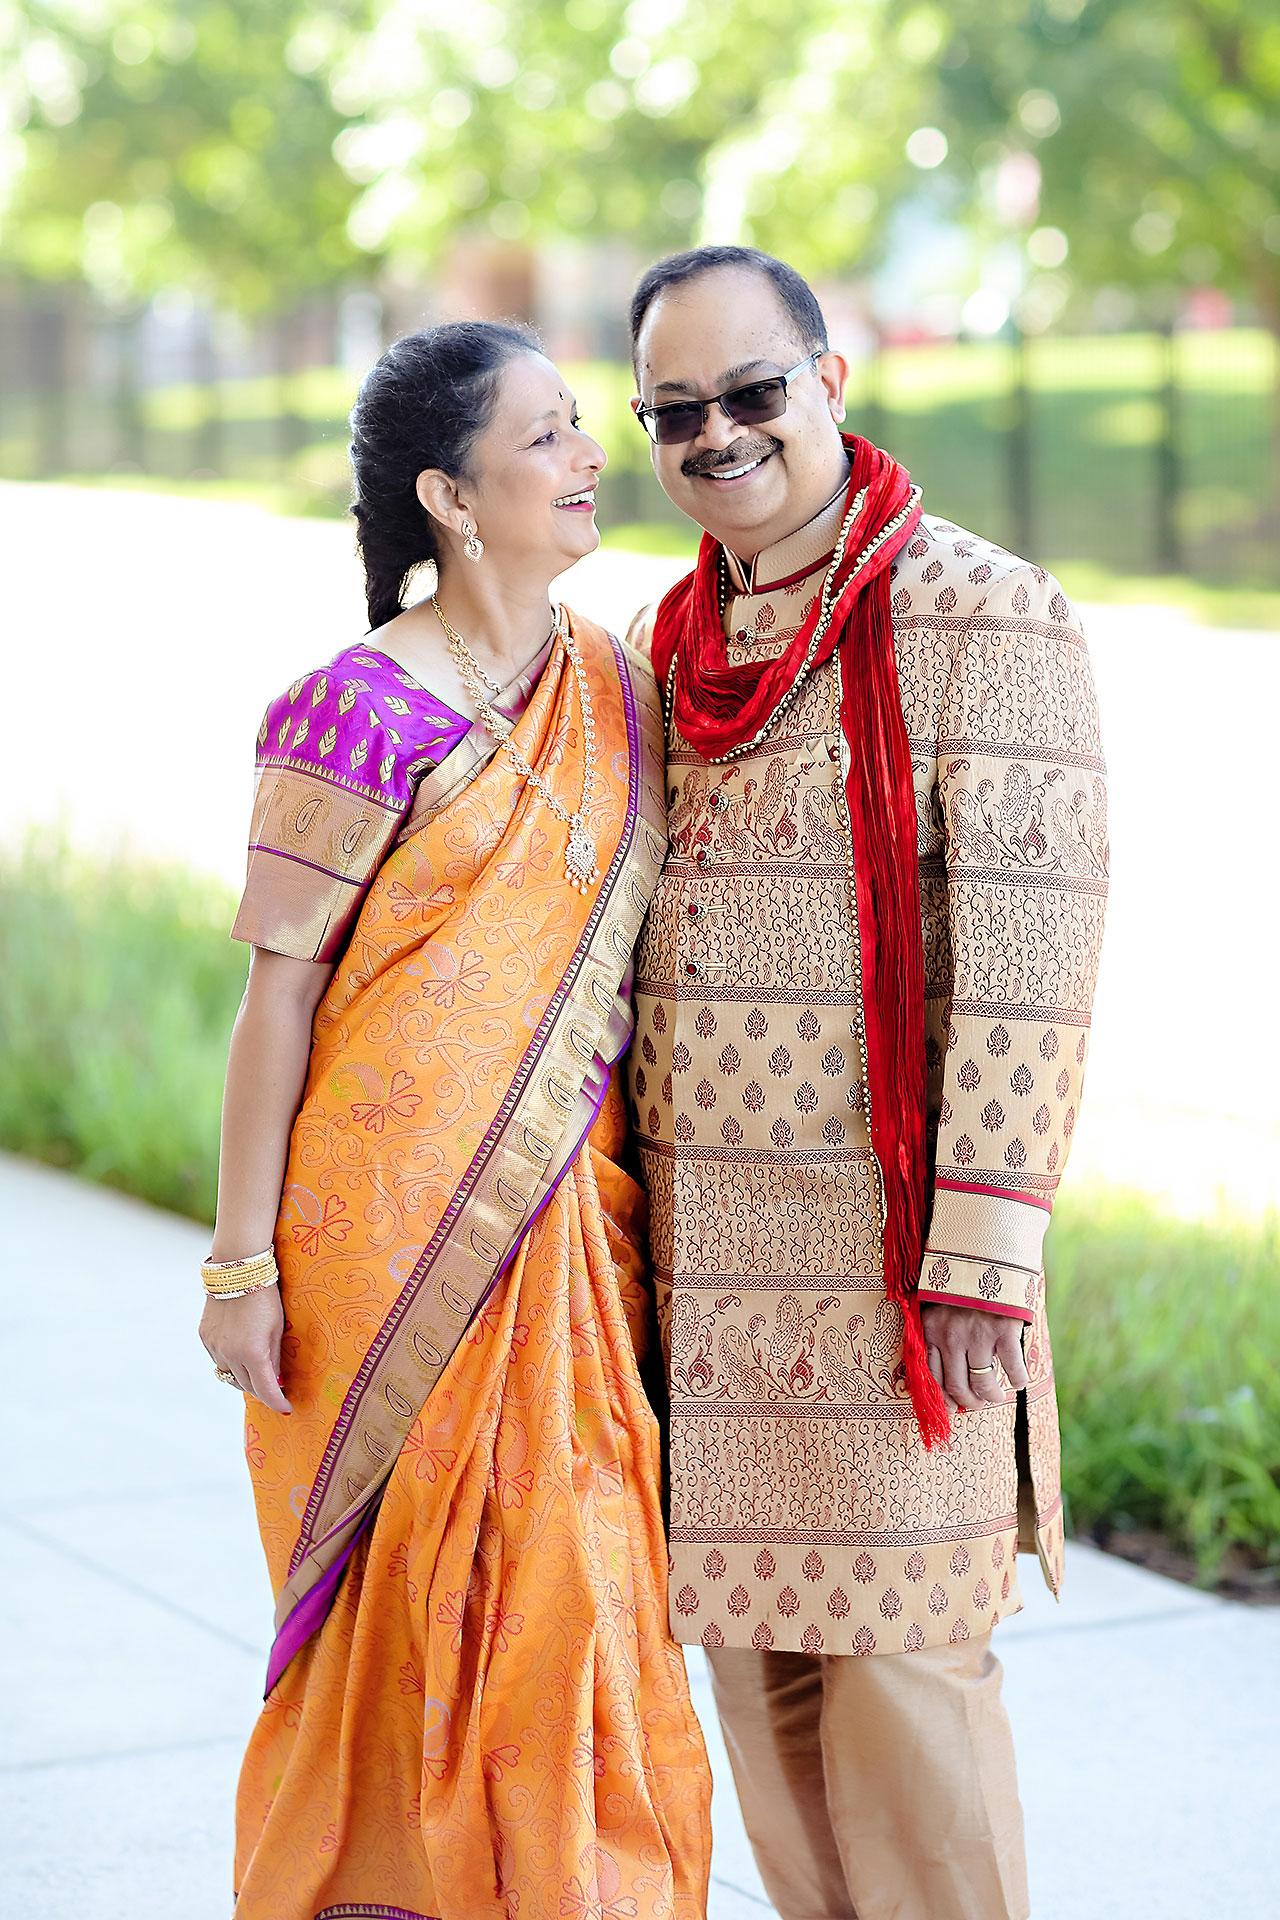 Joie Nikhil JW Marriott Indian Wedding 123